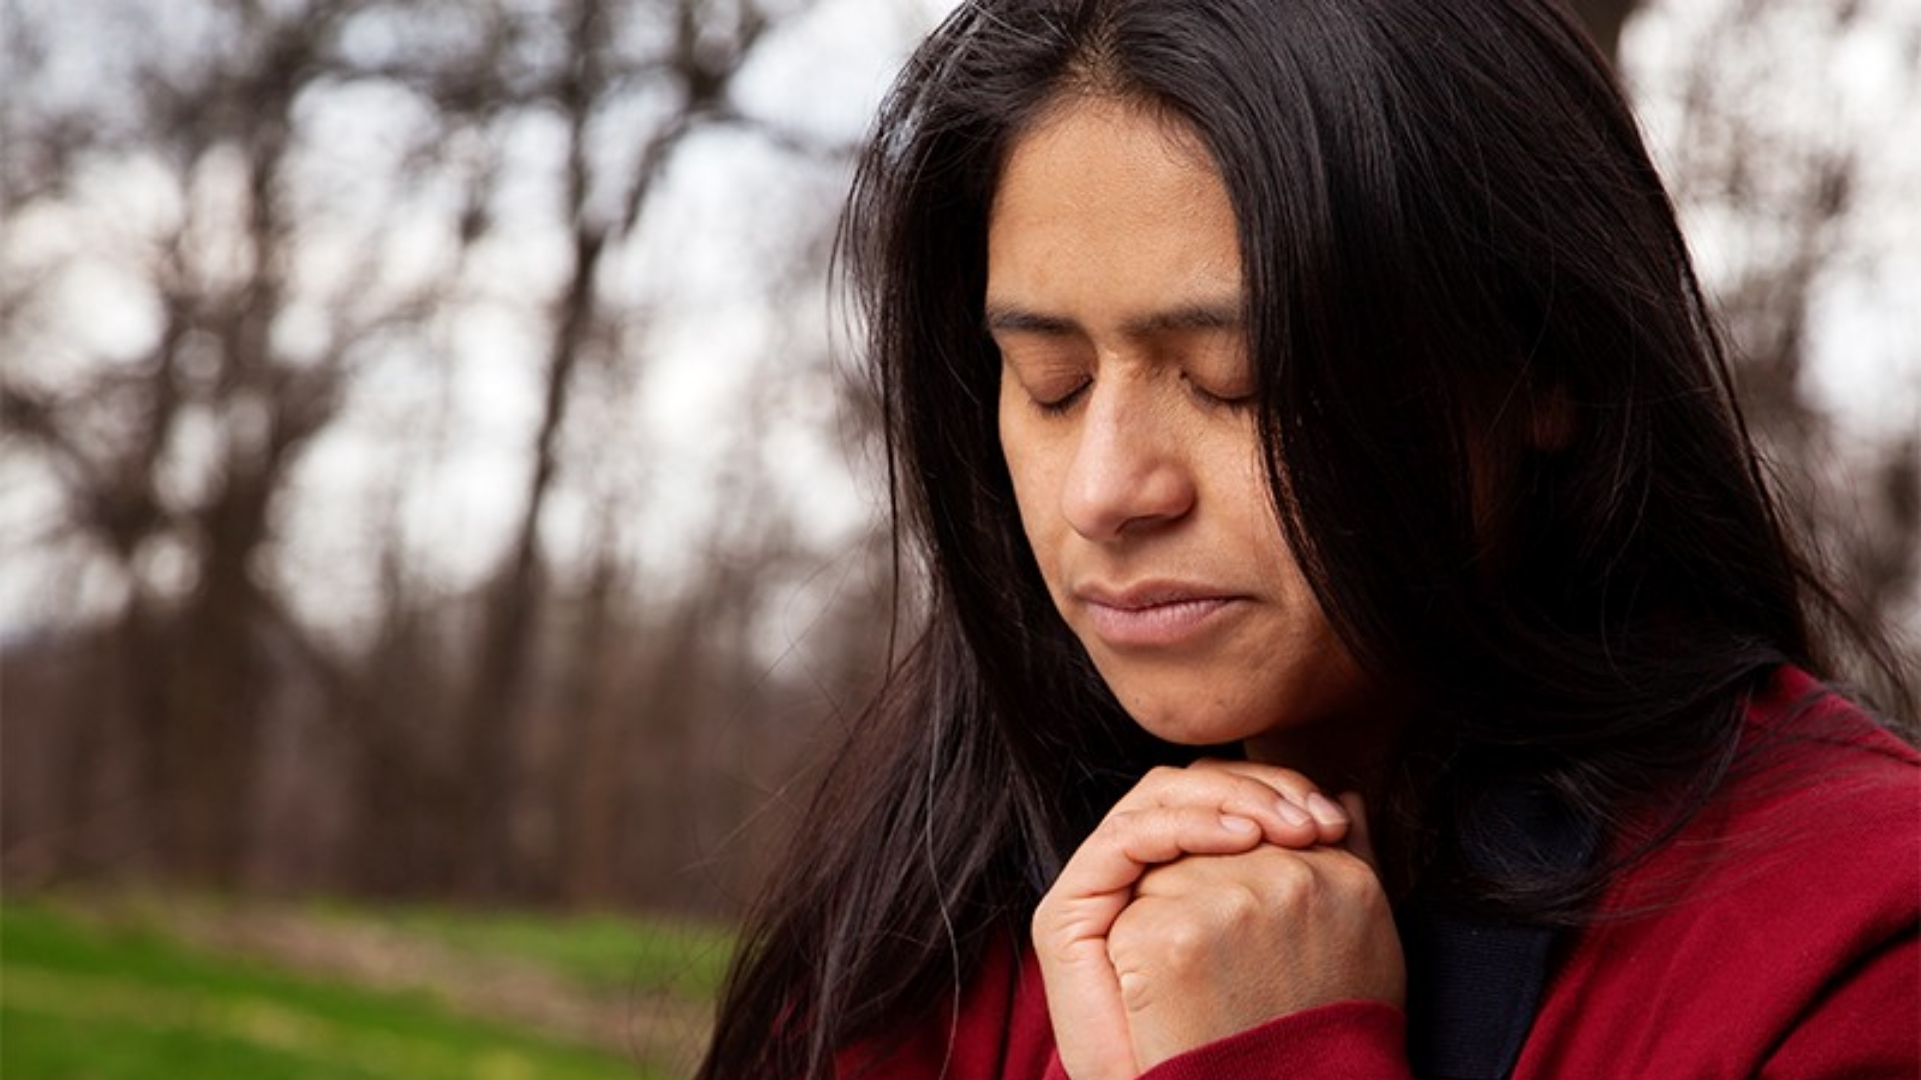 Oração: Que Maio seja um mês de cura para toda humanidade; ore e repasse